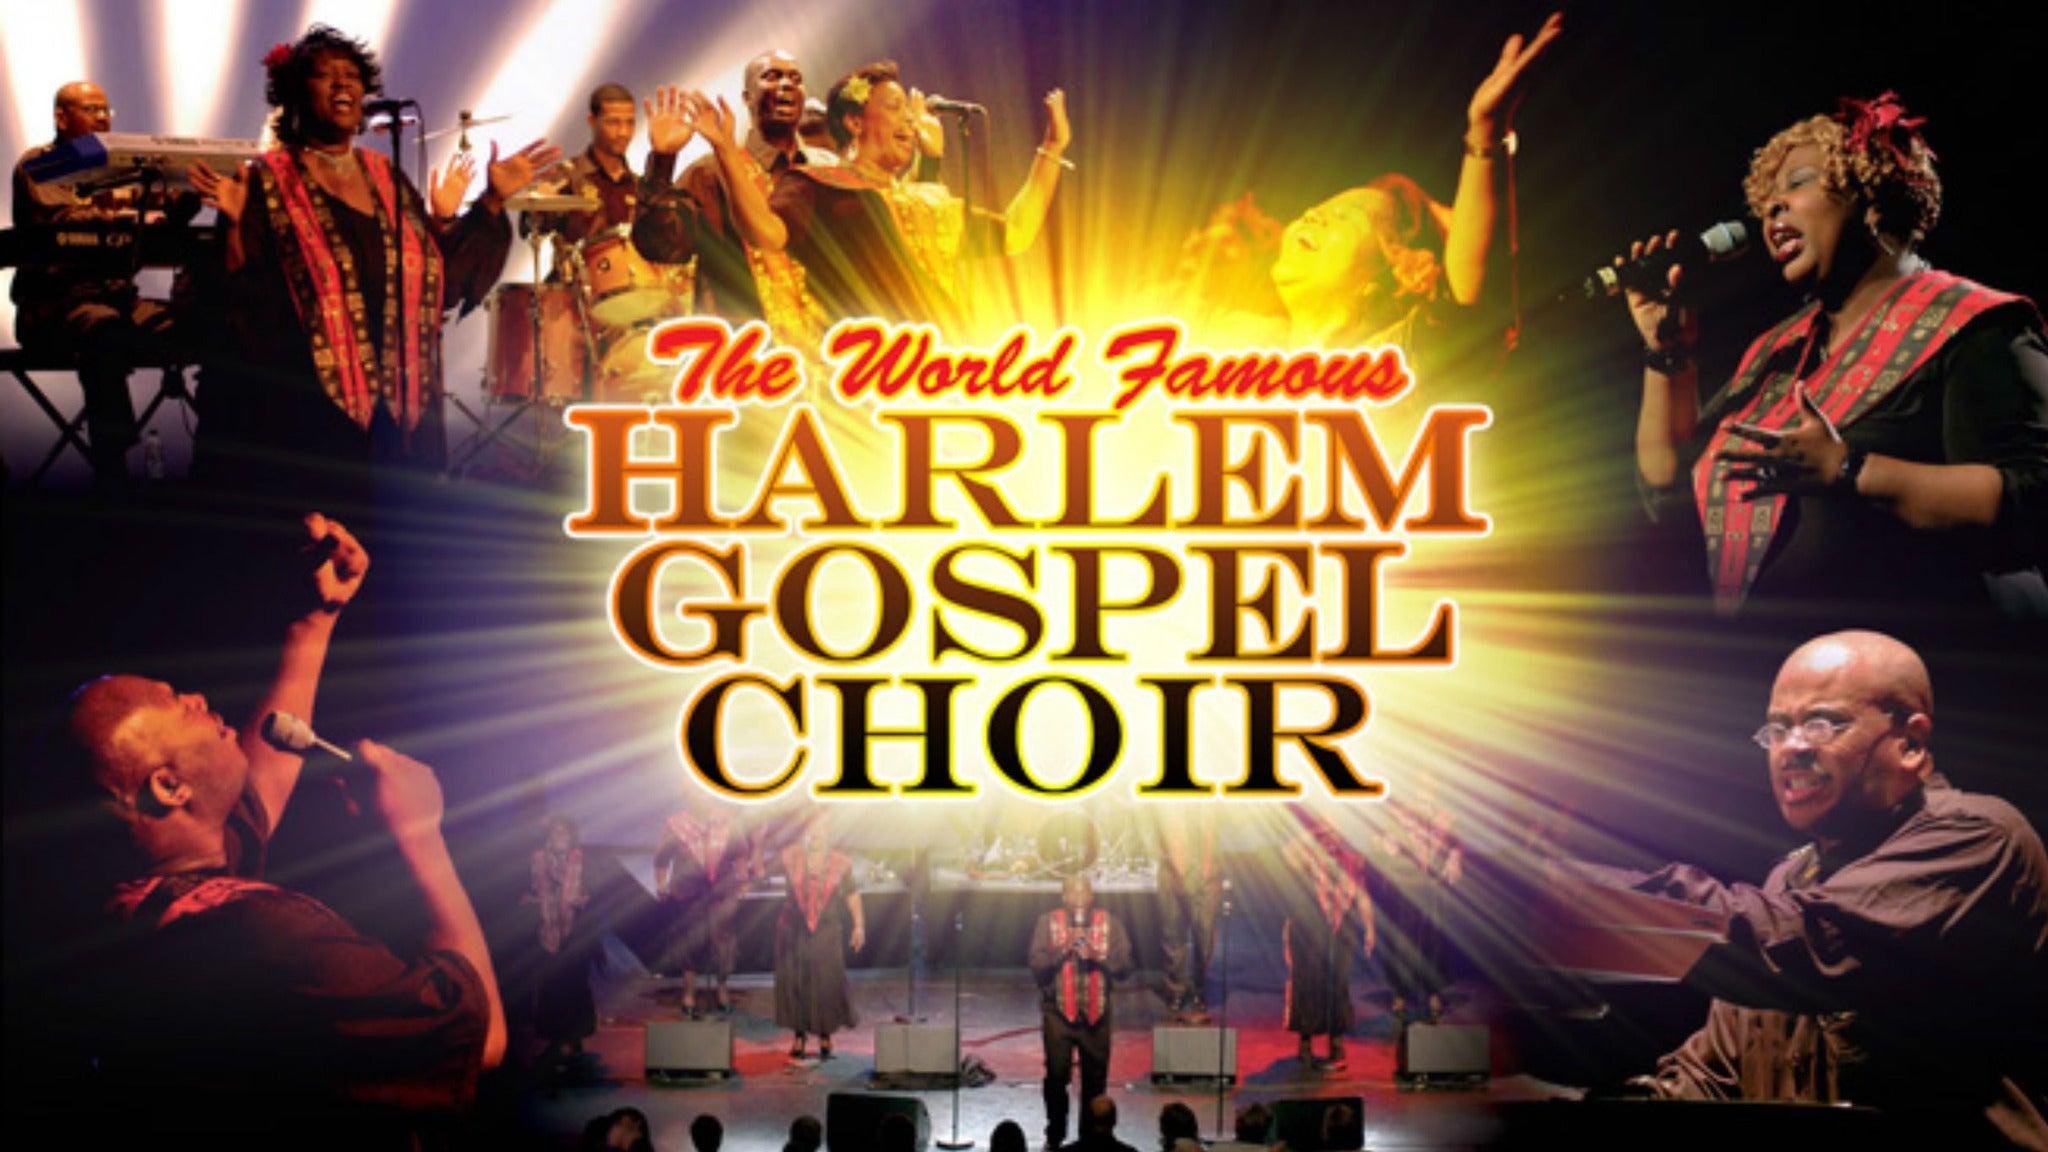 Harlem Gospel Choir Brunch at Howard Theatre